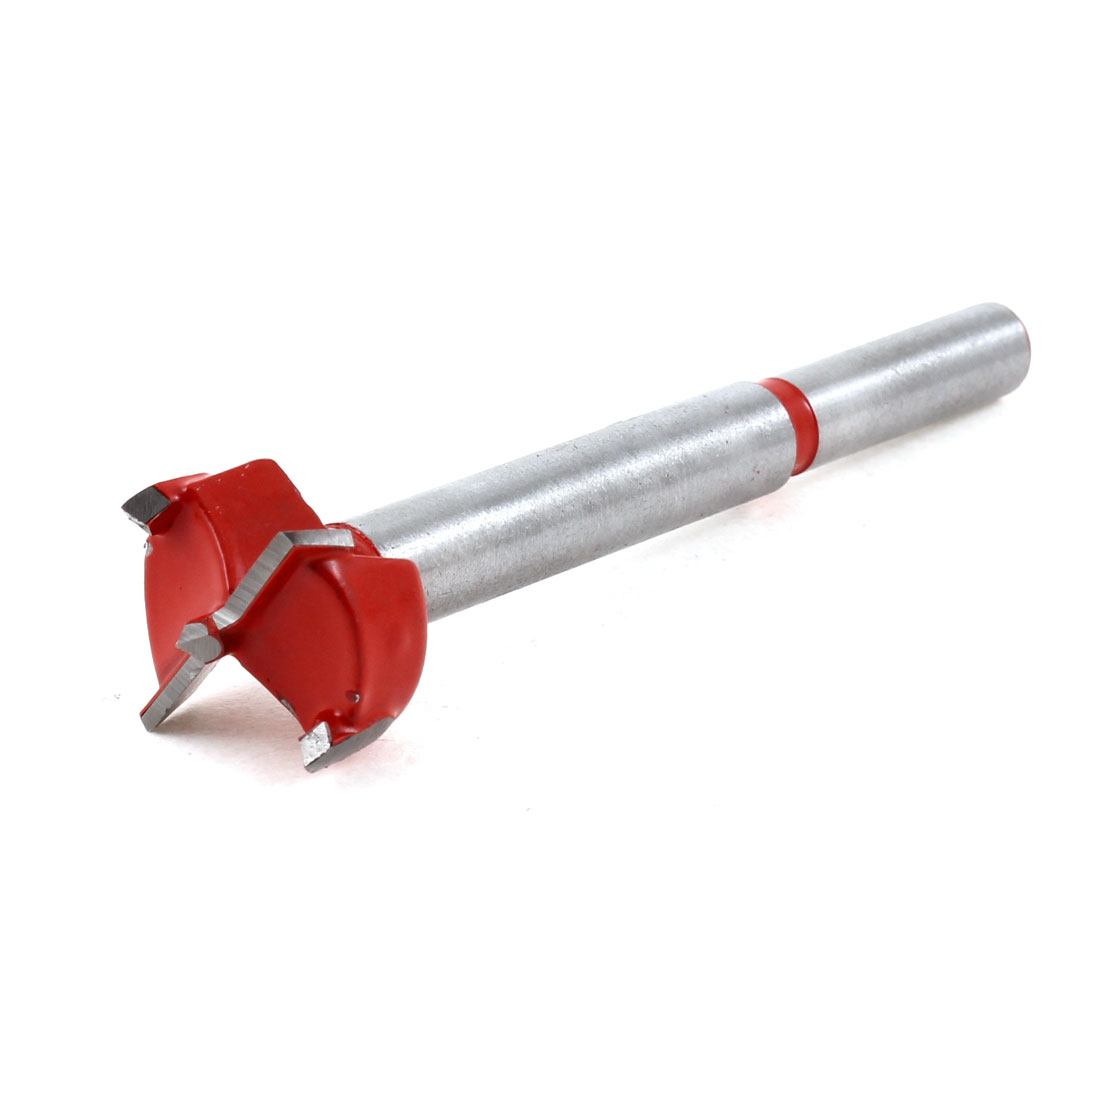 Wood Drilling 18mm Cutting Diameter Hinge Boring Bit Drill for Carpenters